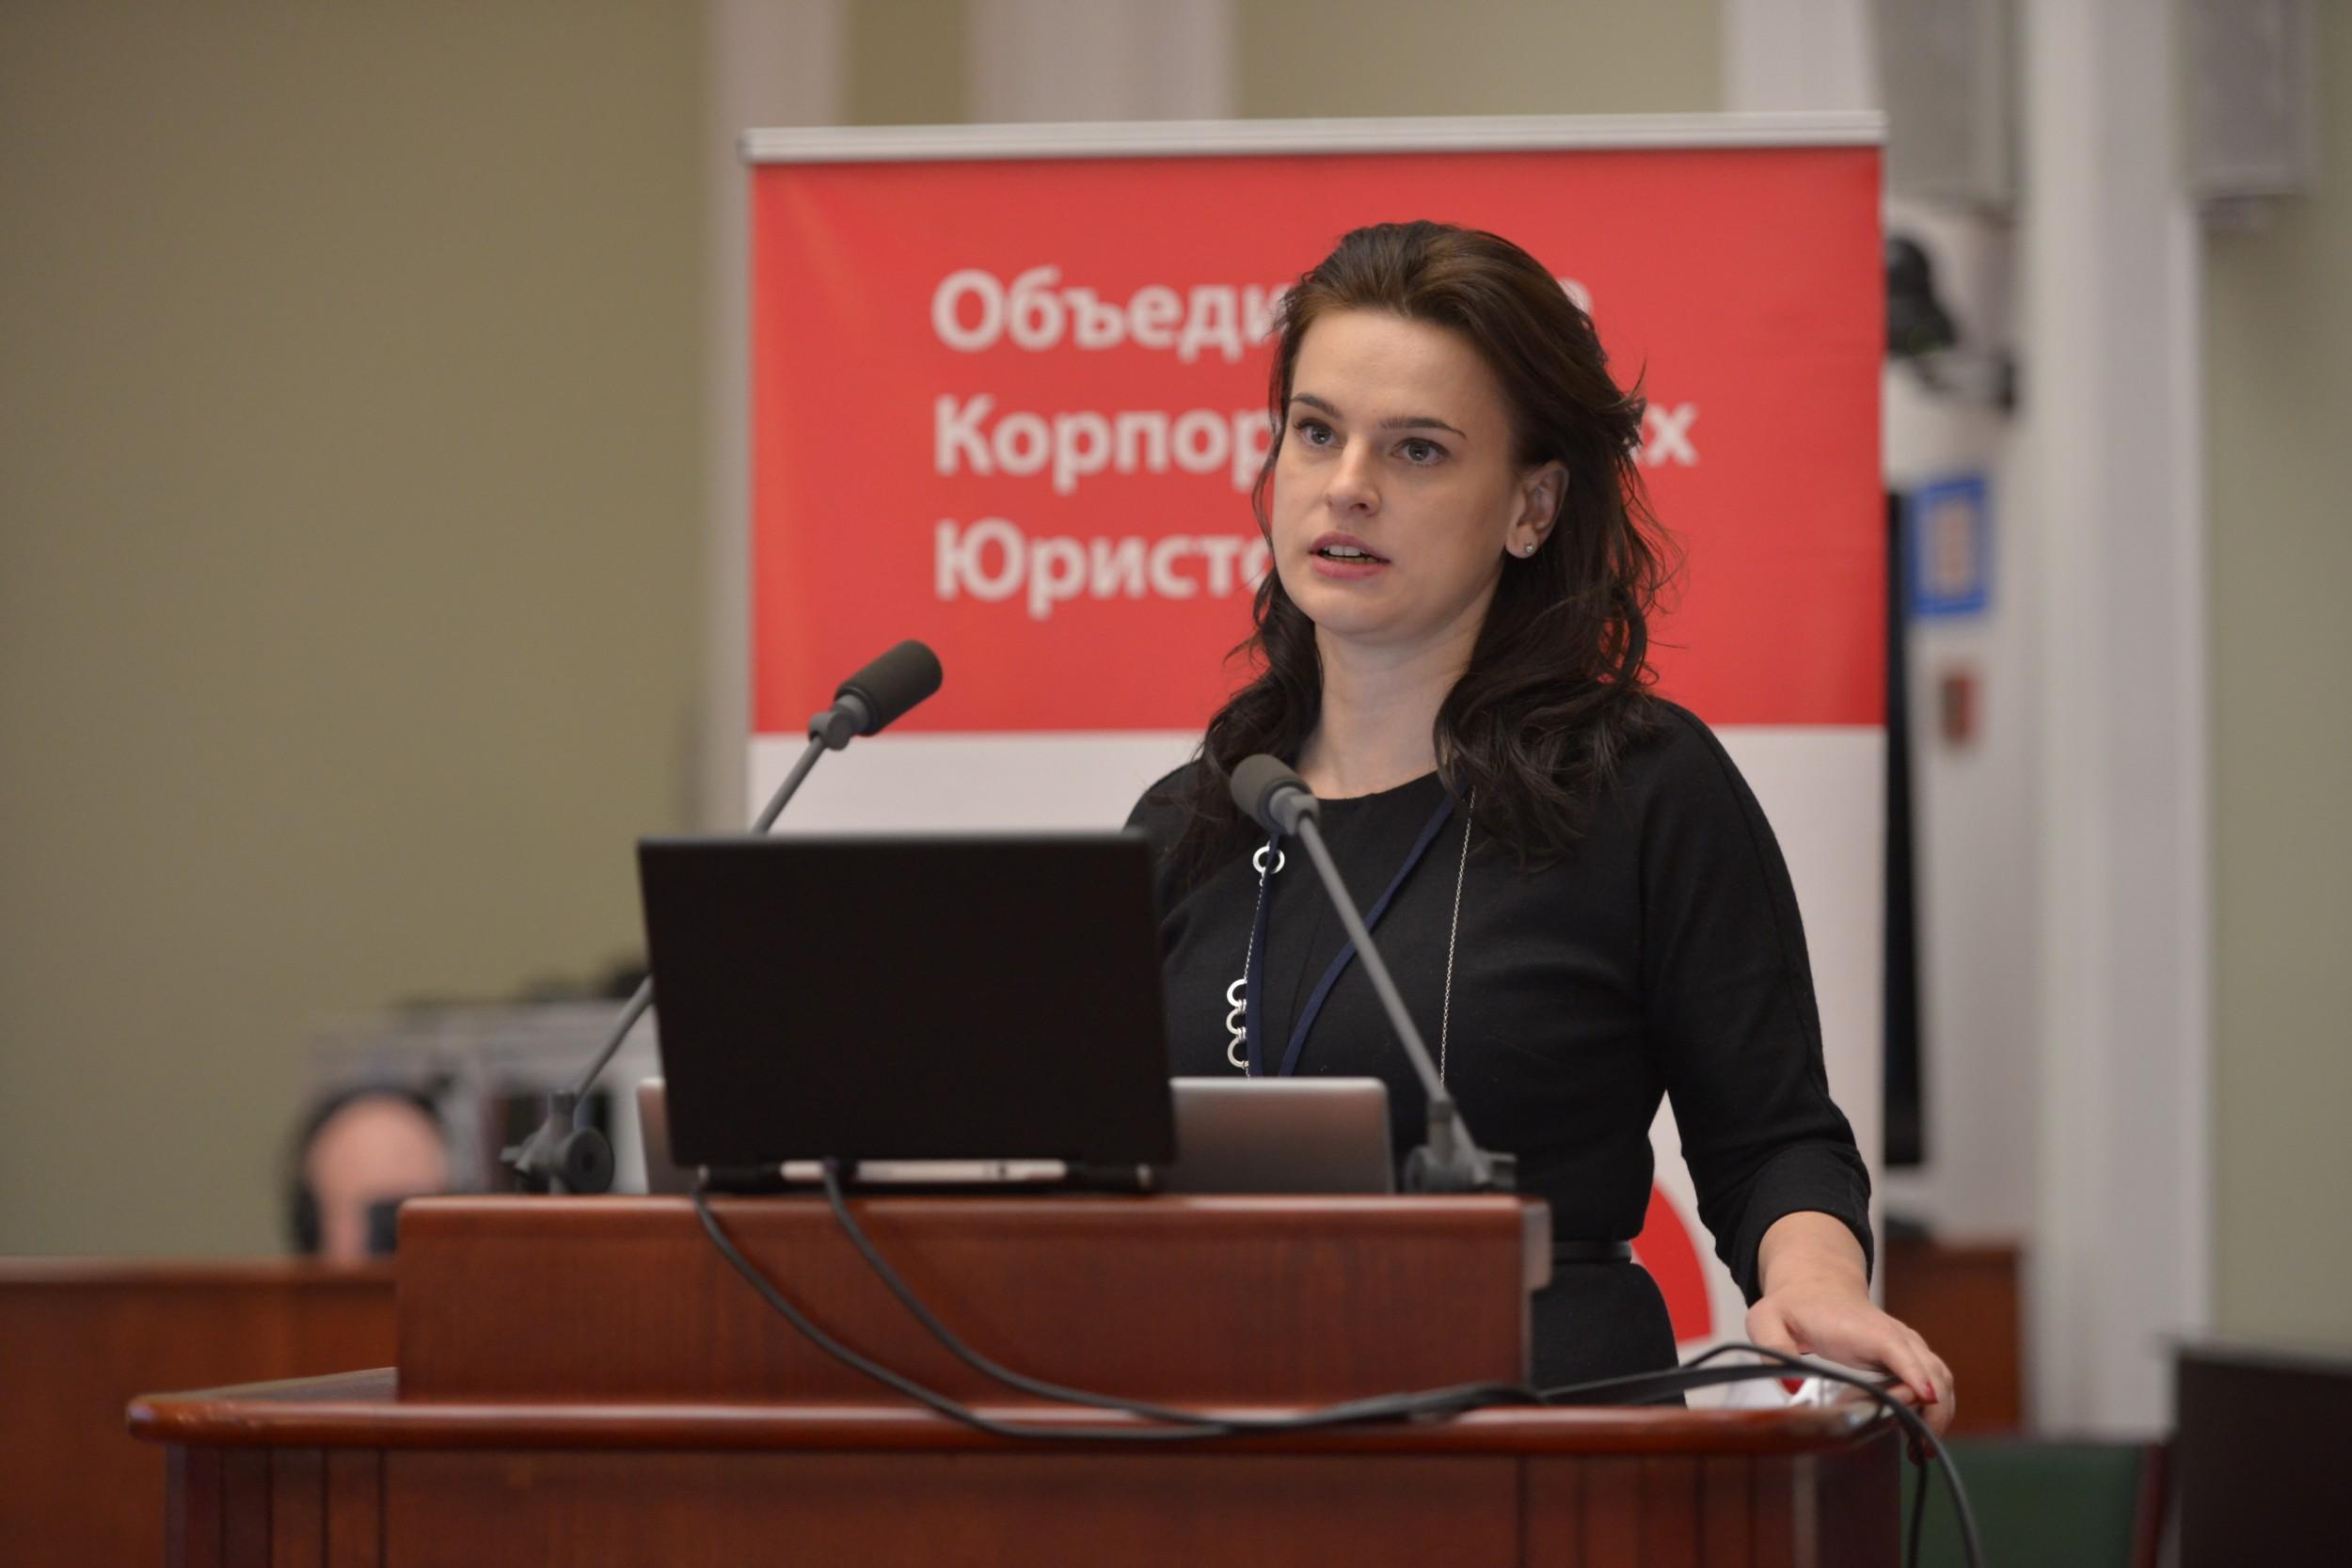 Антимонопольный форум ОКЮР совместно с Федеральной антимонопольной службой и Евразийской экономической комиссией